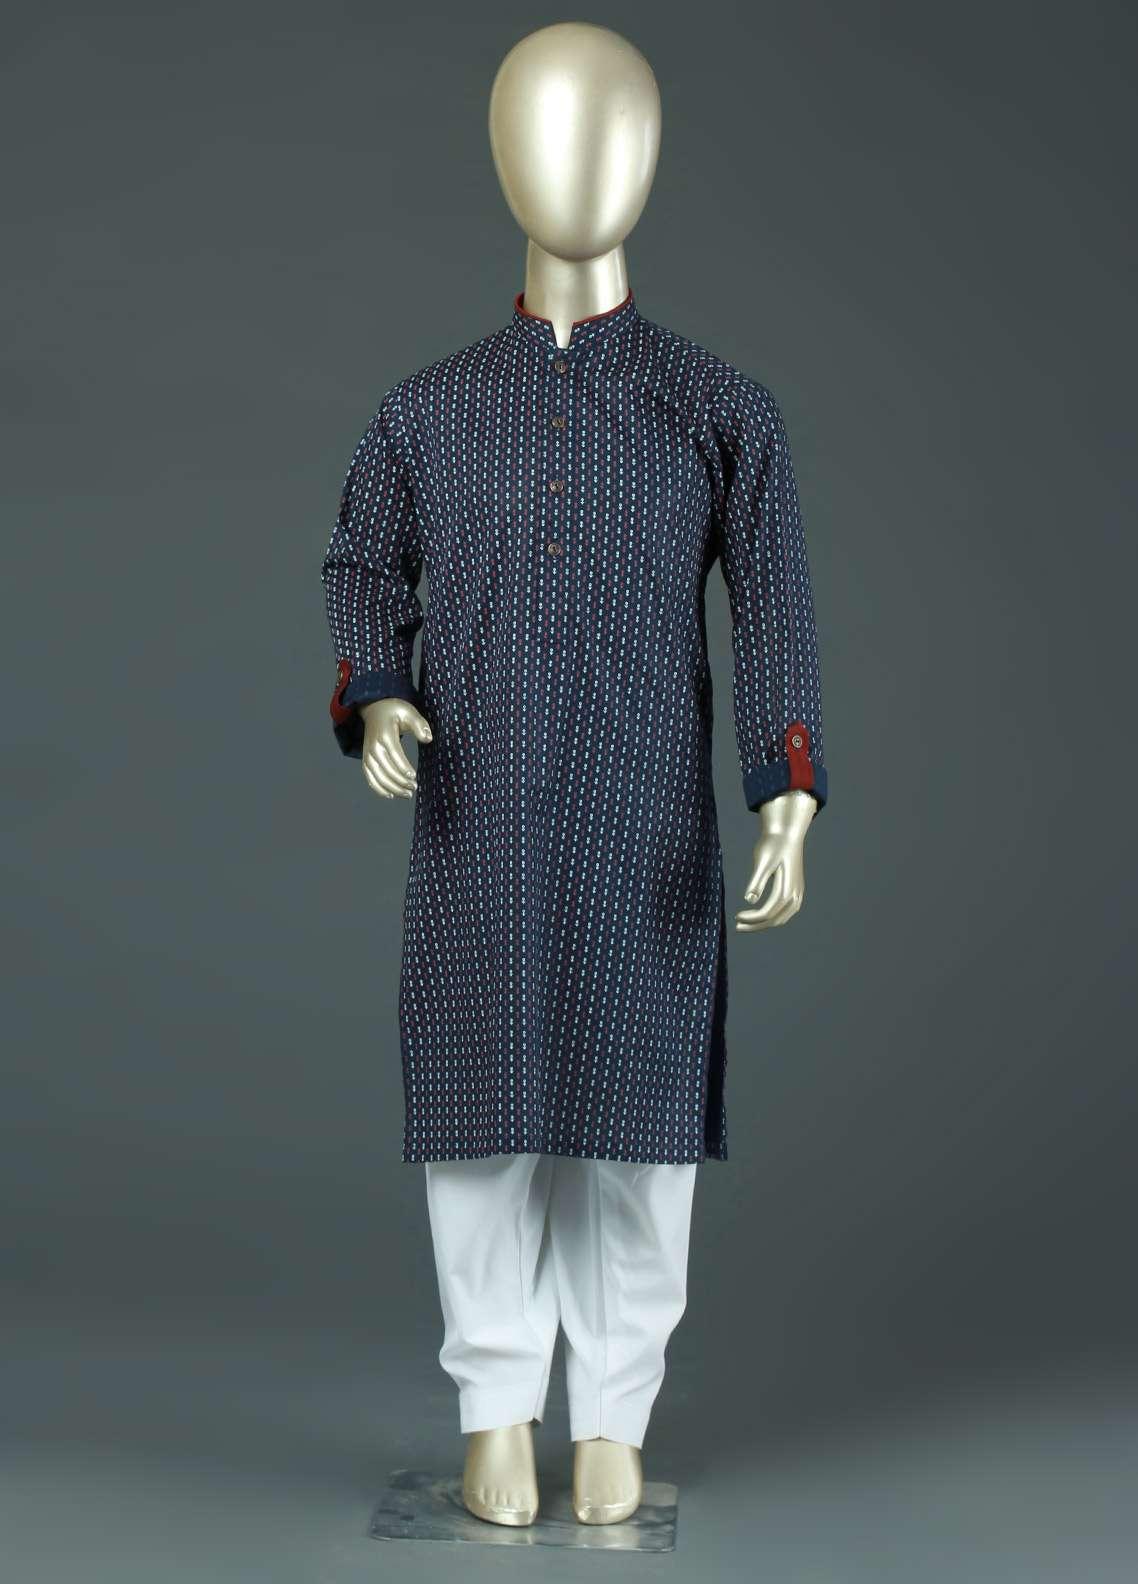 Aizaz Zafar Cotton Formal Boys Kurtas -  AZ19B 220 Navy Blue